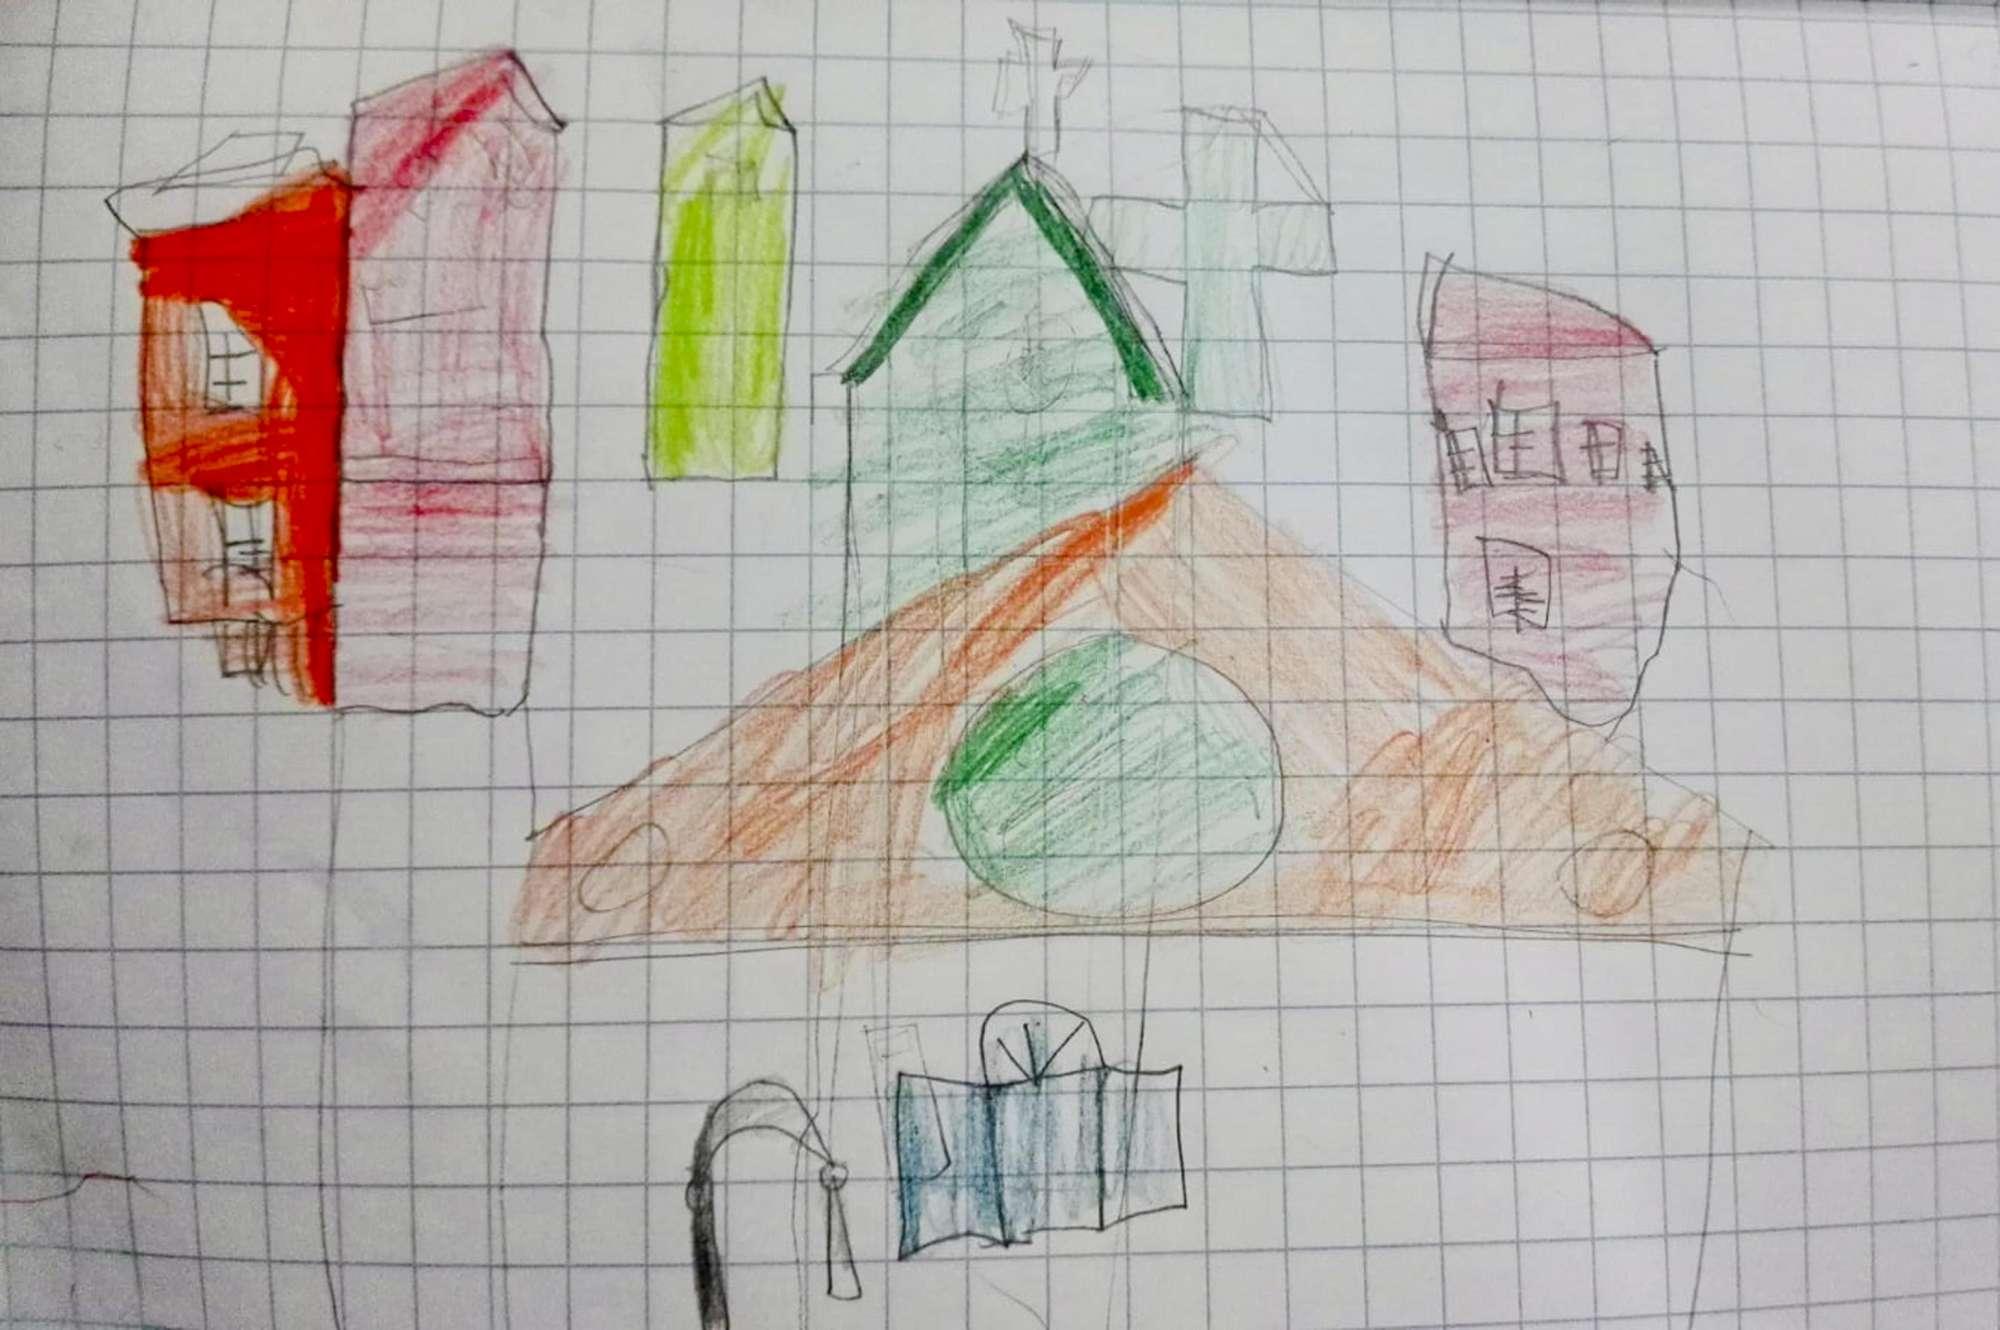 Caivano: Fortuna, Antonio e il palazzo degli orrori